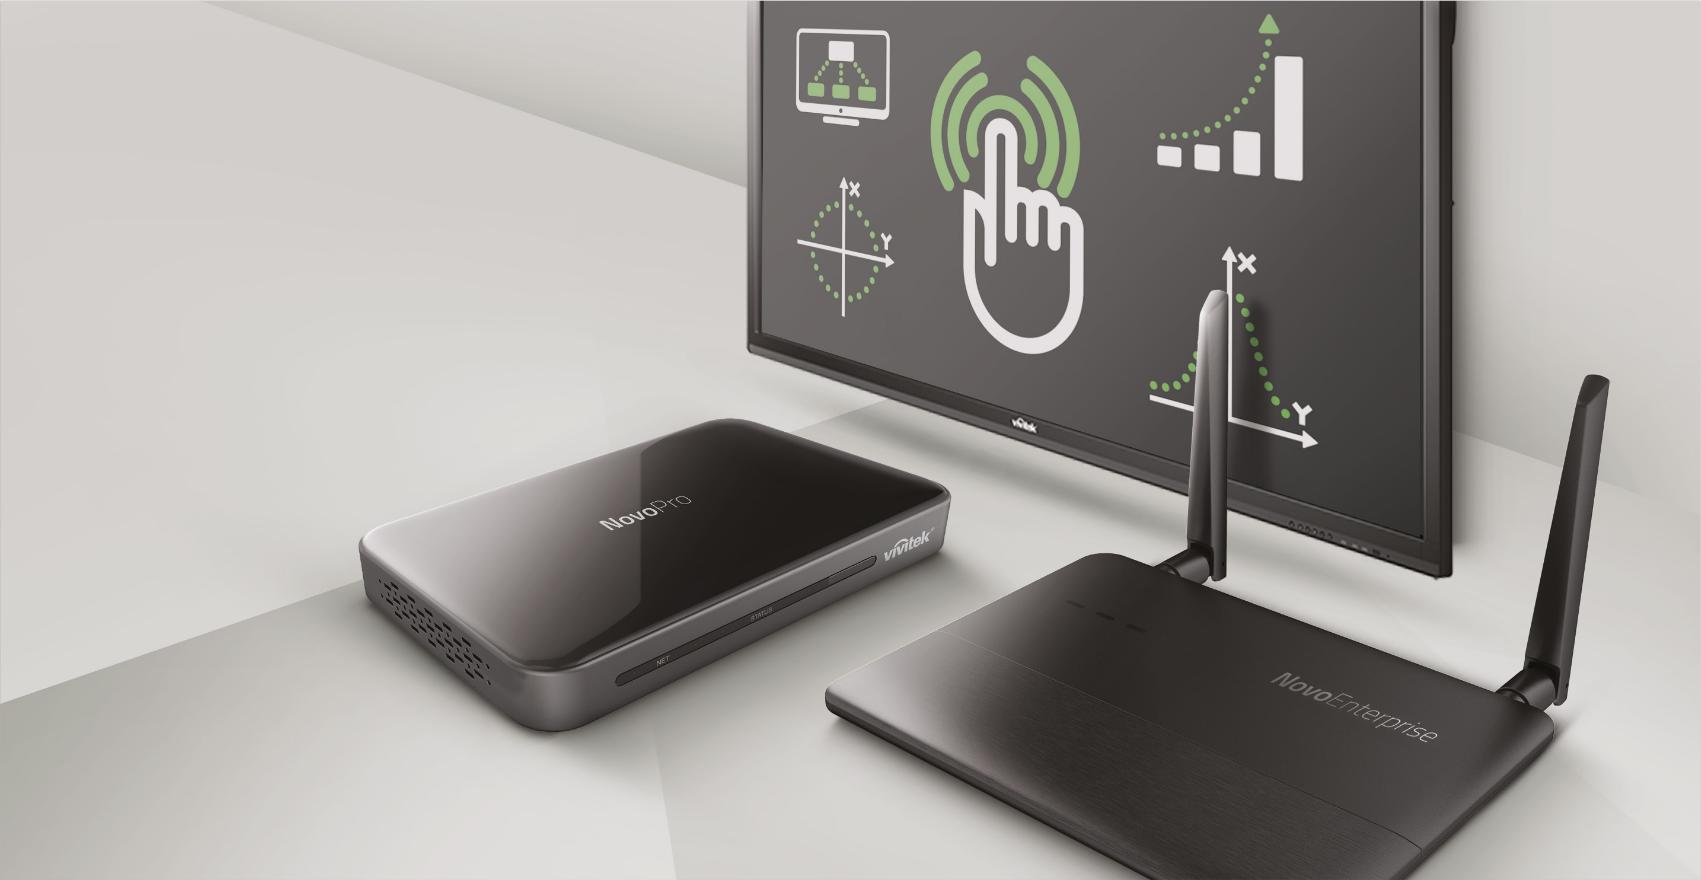 Remote Manager et l'outil NS Lookup simplifient la vie des responsables informatiques